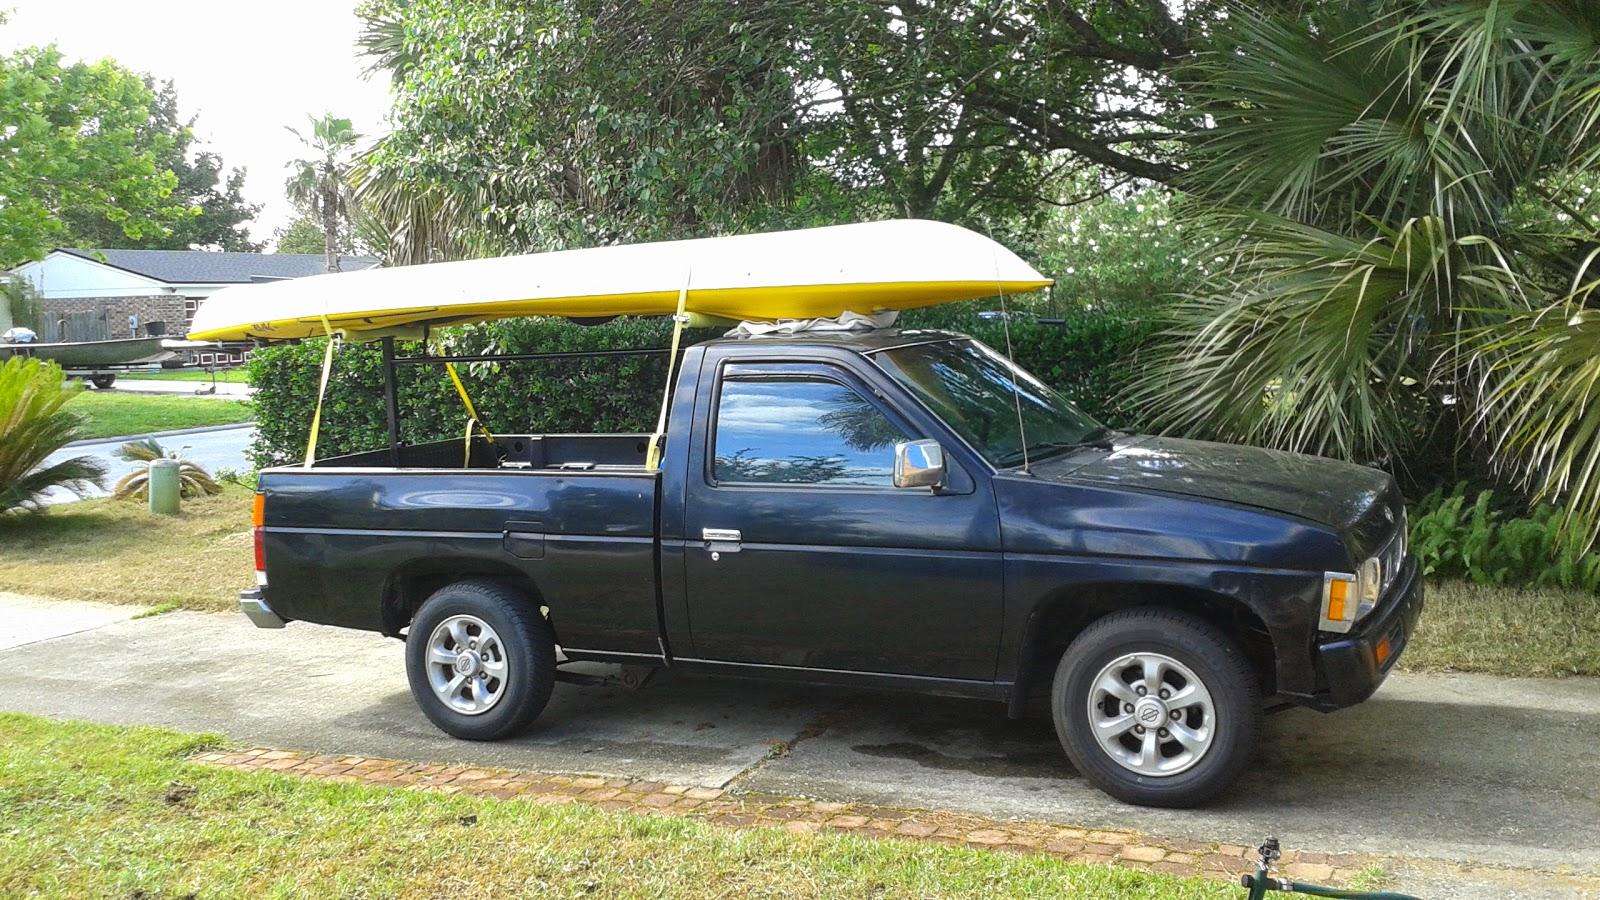 Jose's DIY Ideas : Boat rack